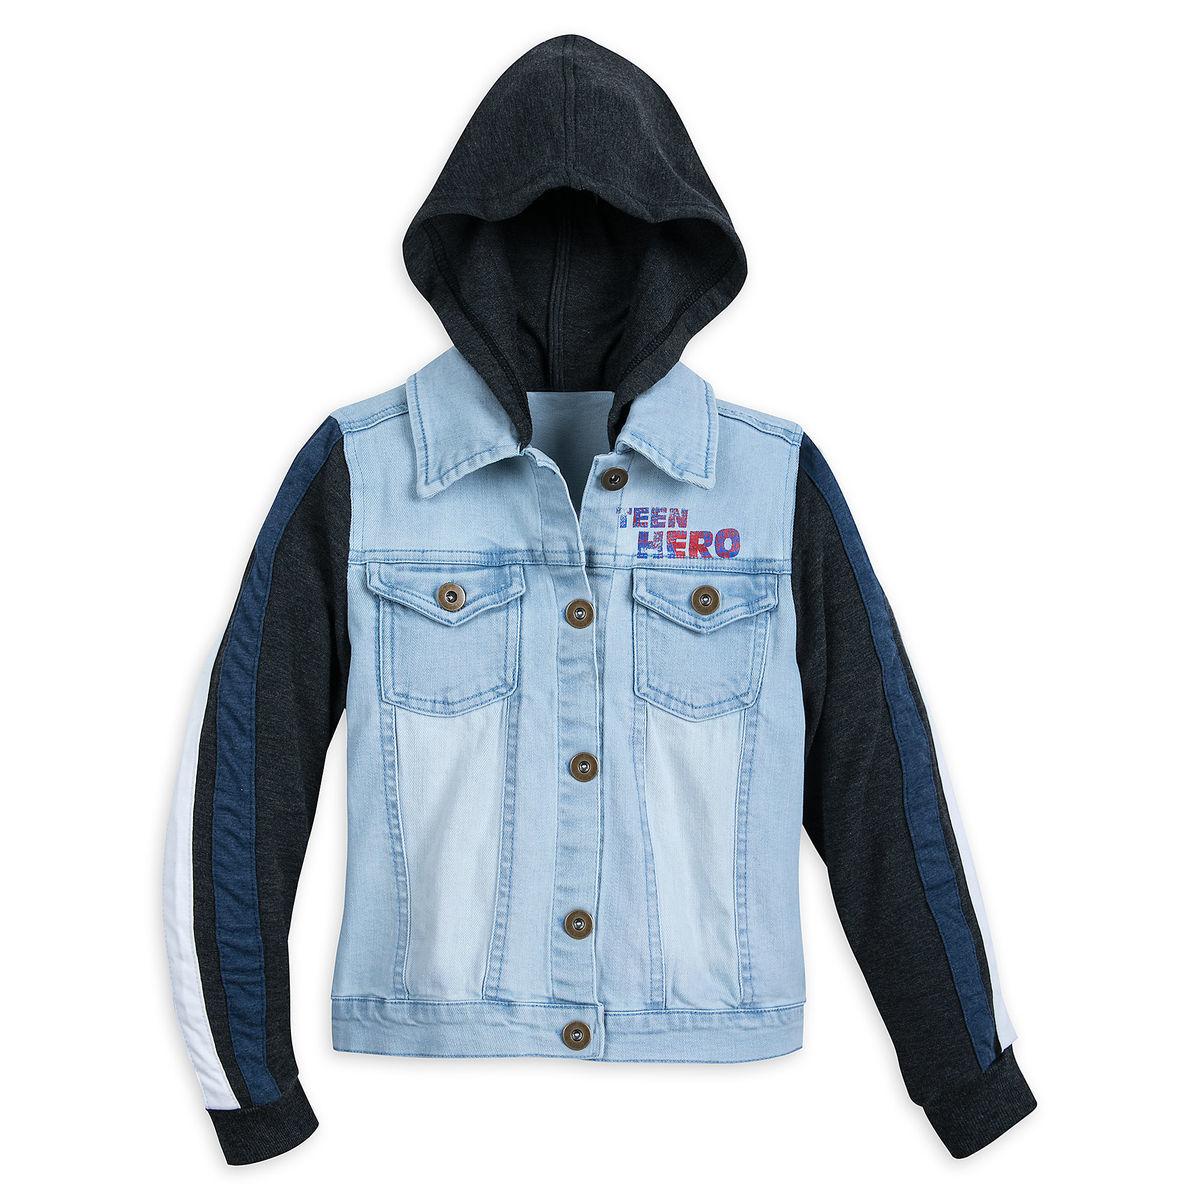 America Chavez Hooded Denim Jacket Top For Girls Marvel Rising